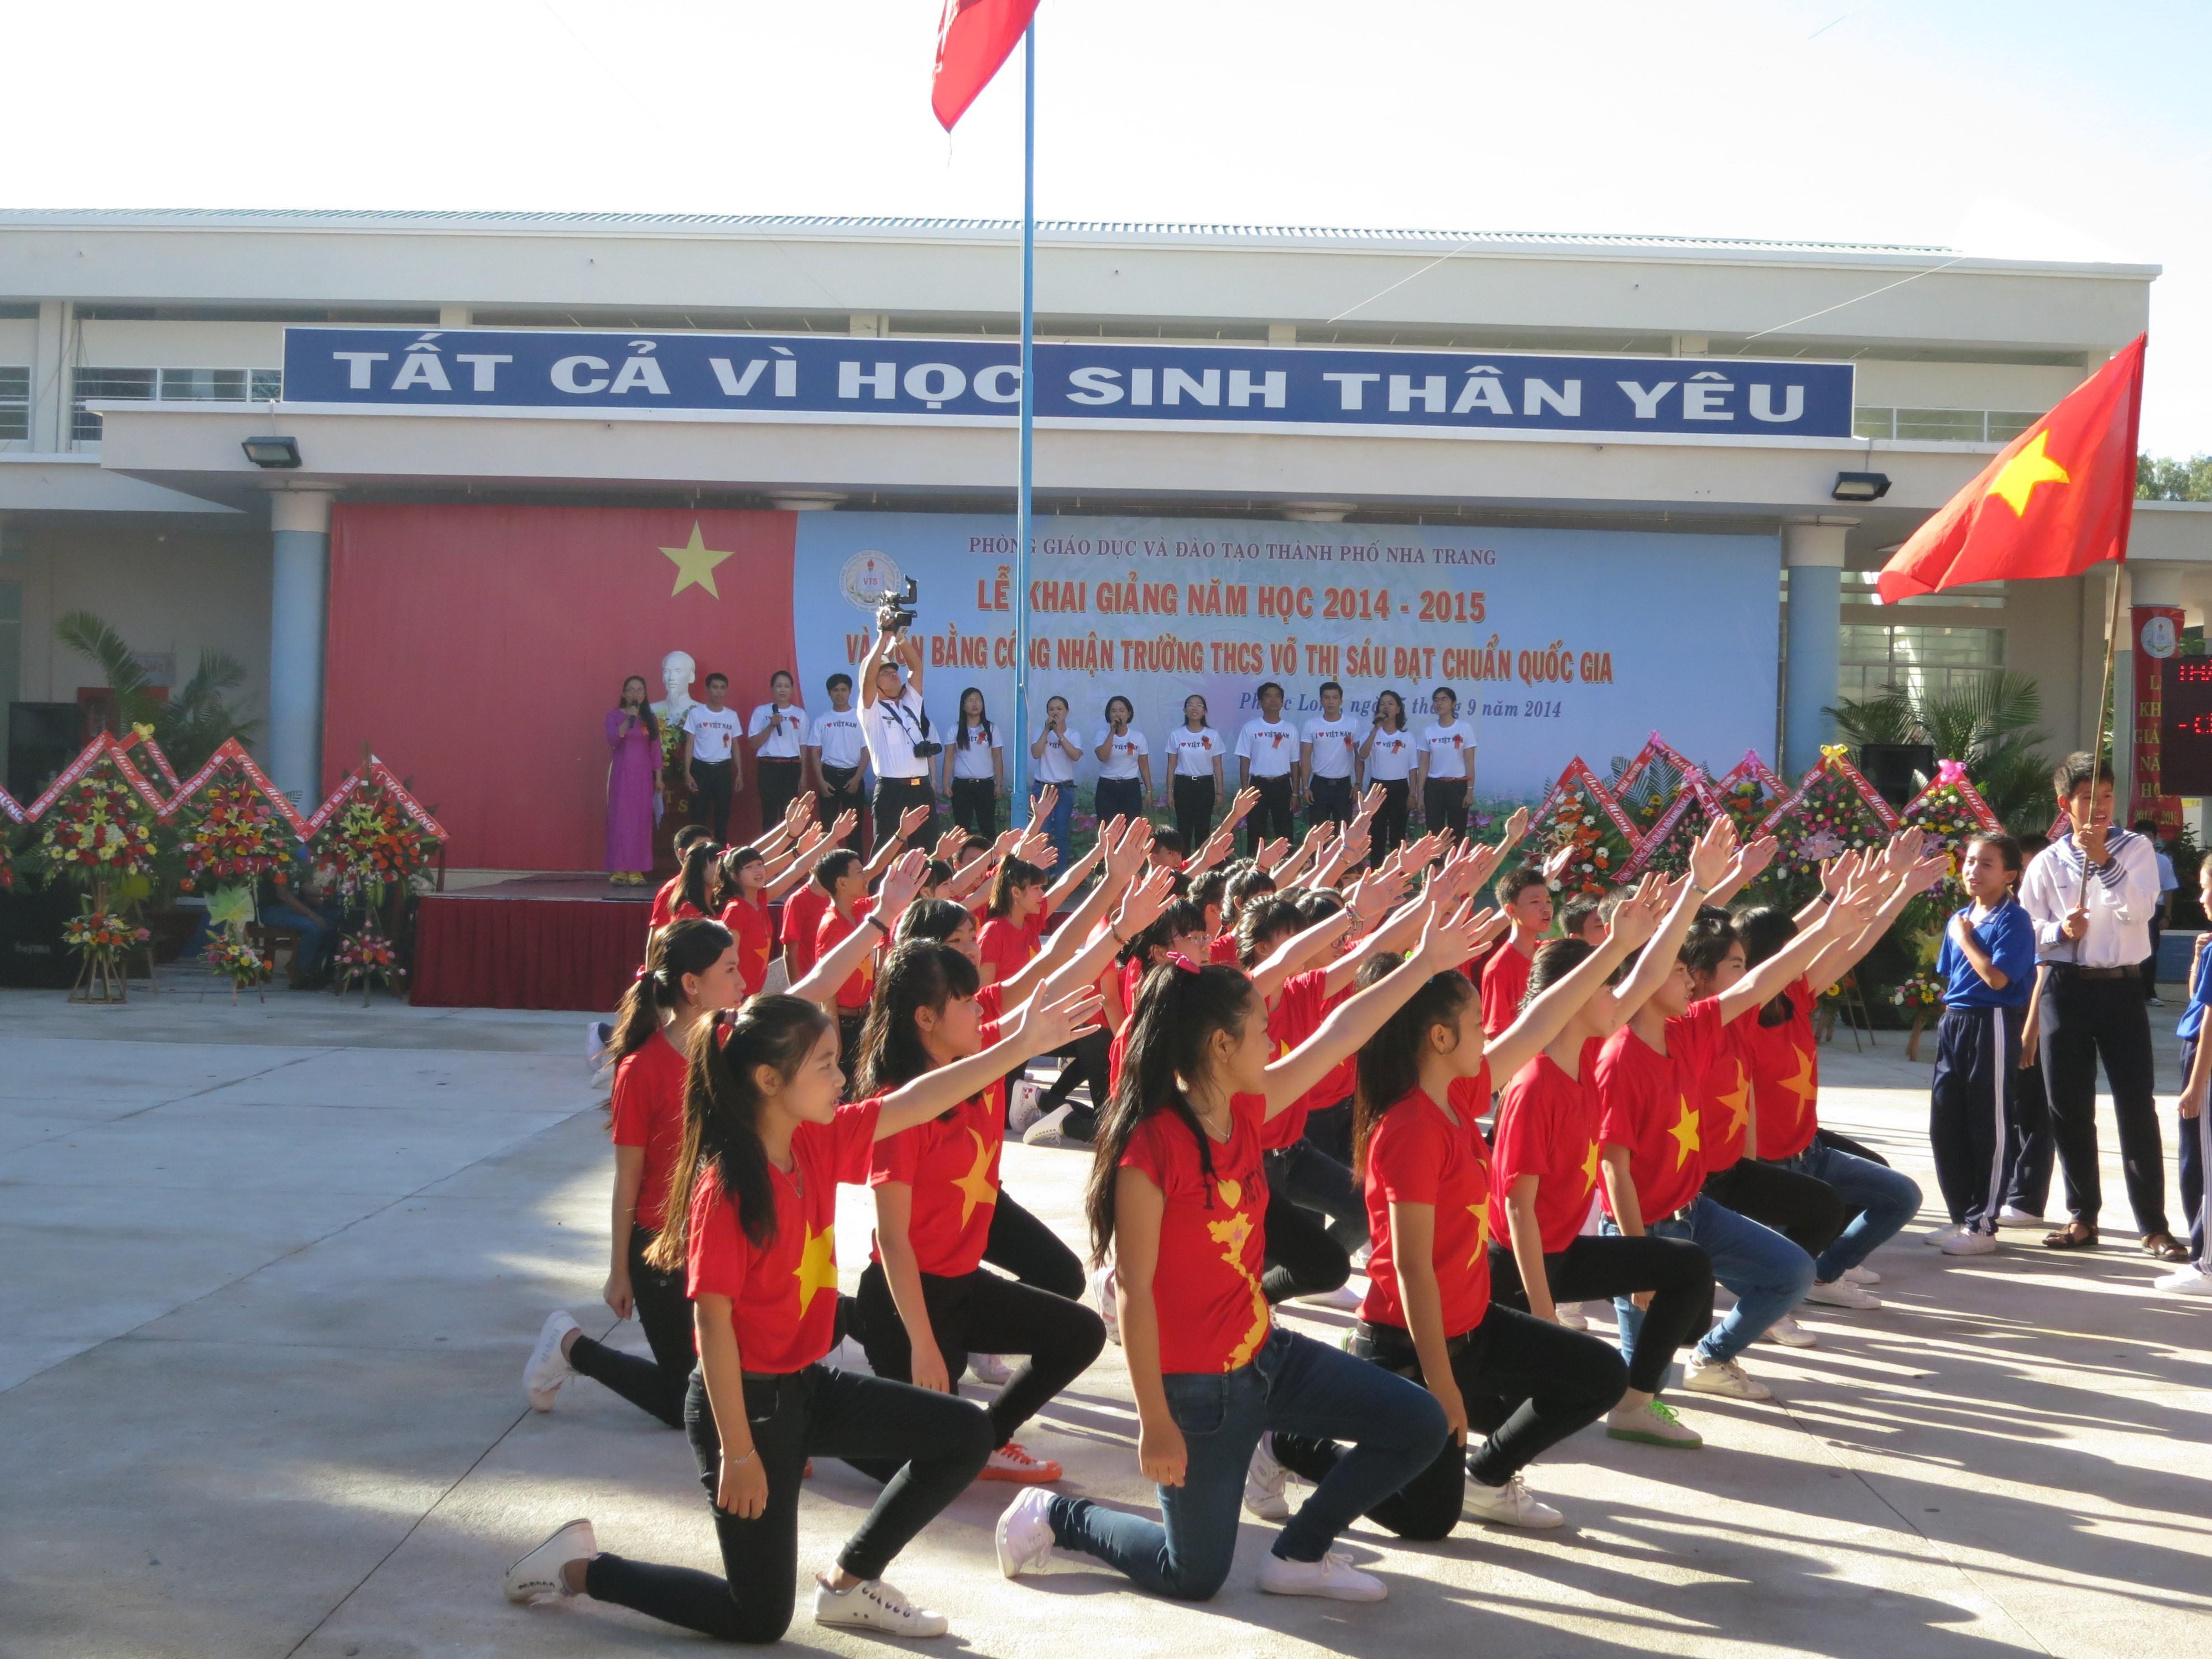 Lễ Khai Giảng Năm Học 2014 – 2015 Và Đón Bằng Công Nhận Trường Đạt Chuẩn Quốc Gia